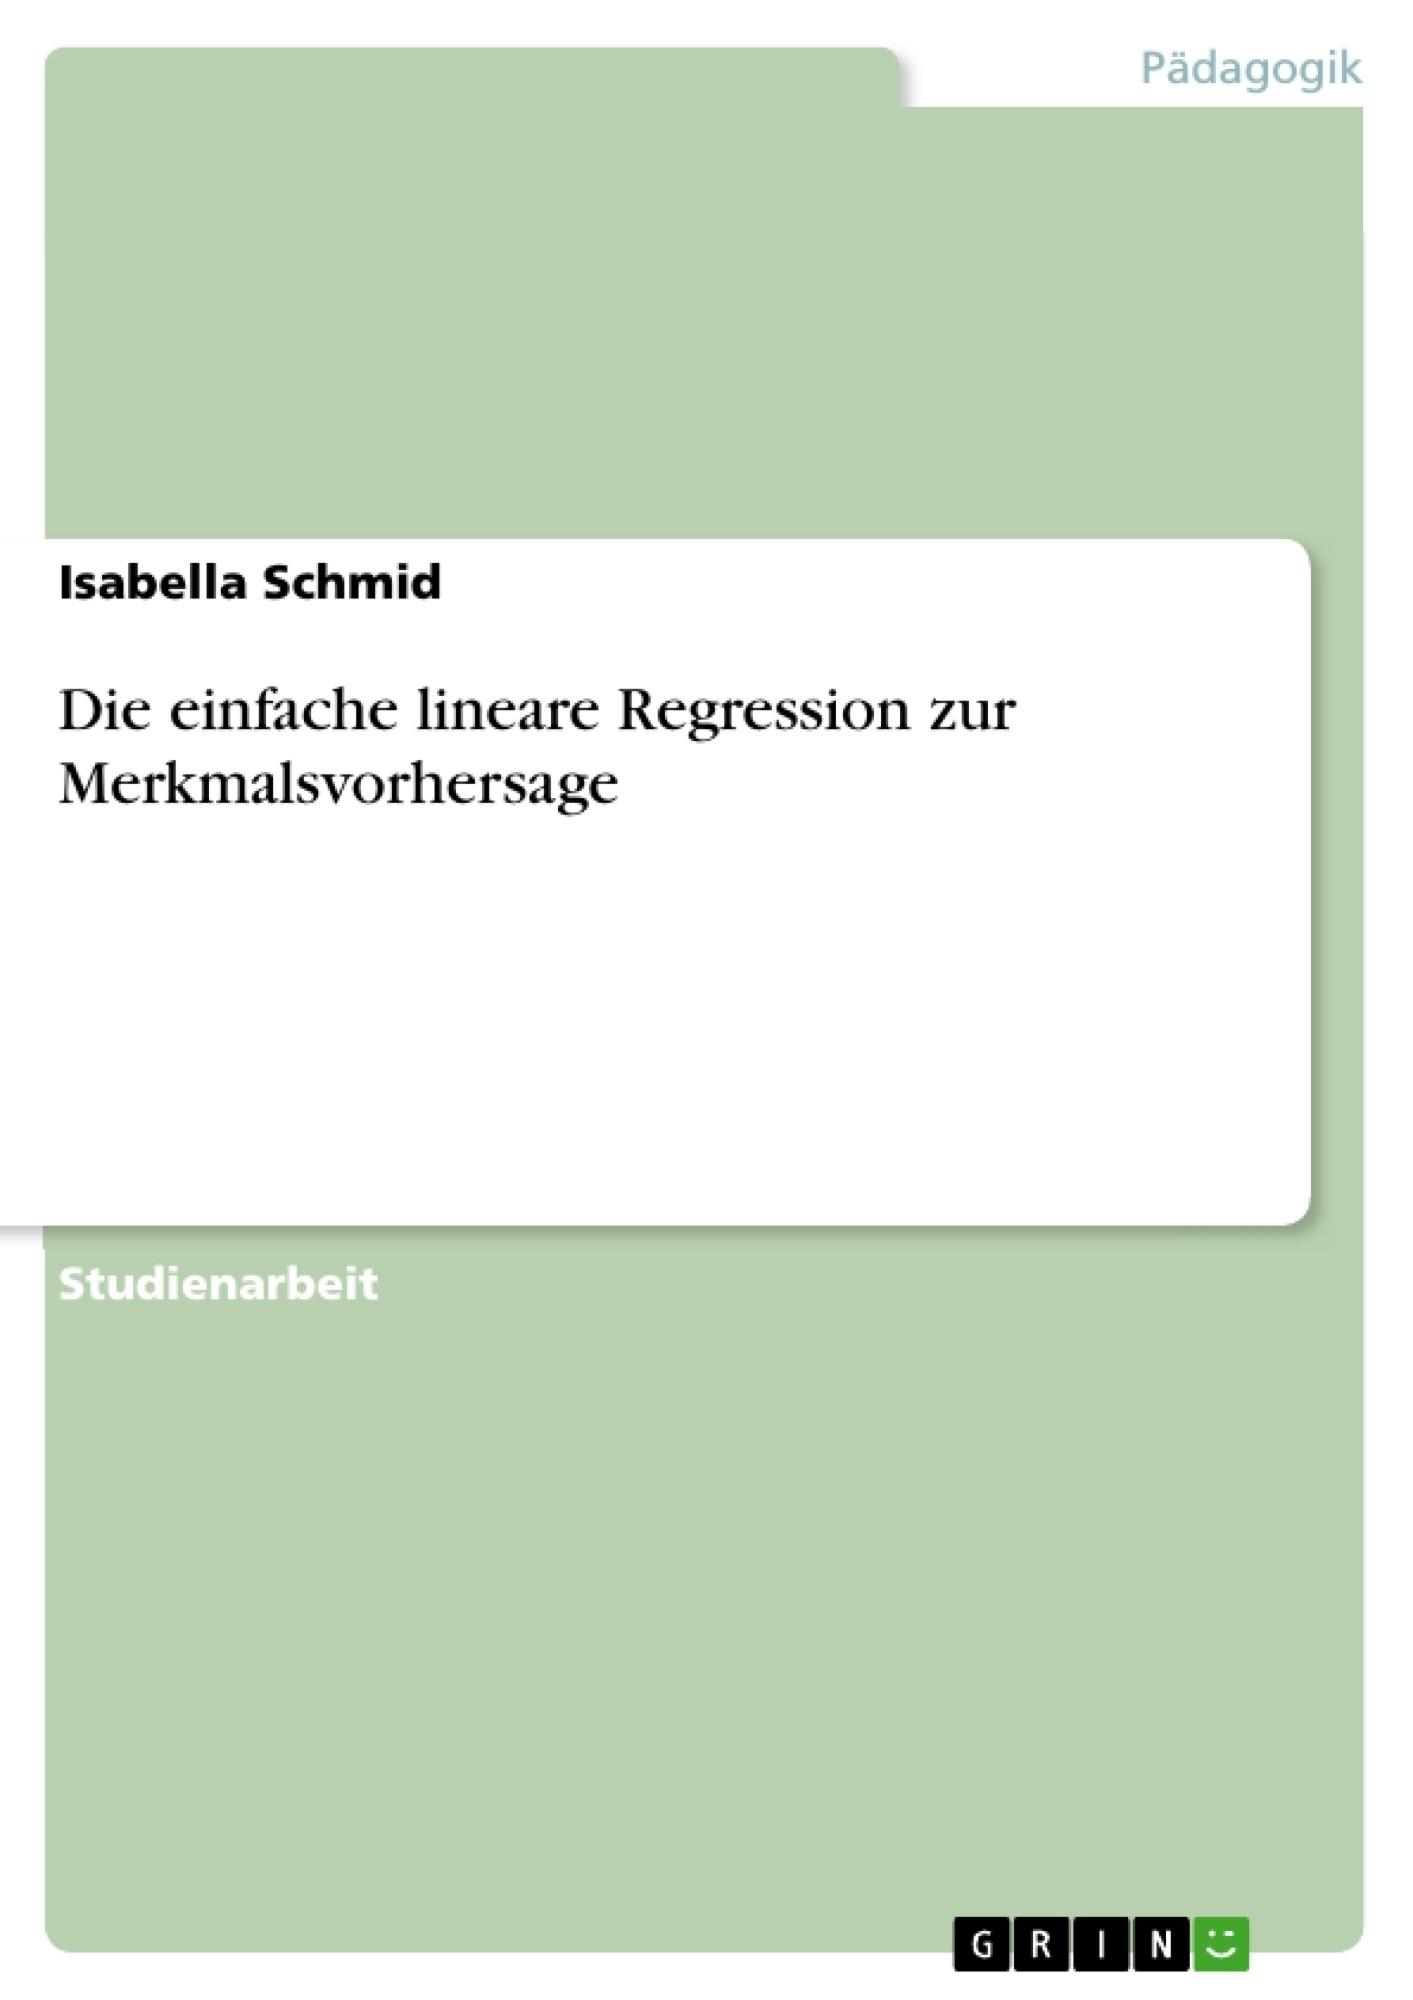 Titel: Die einfache lineare Regression zur Merkmalsvorhersage